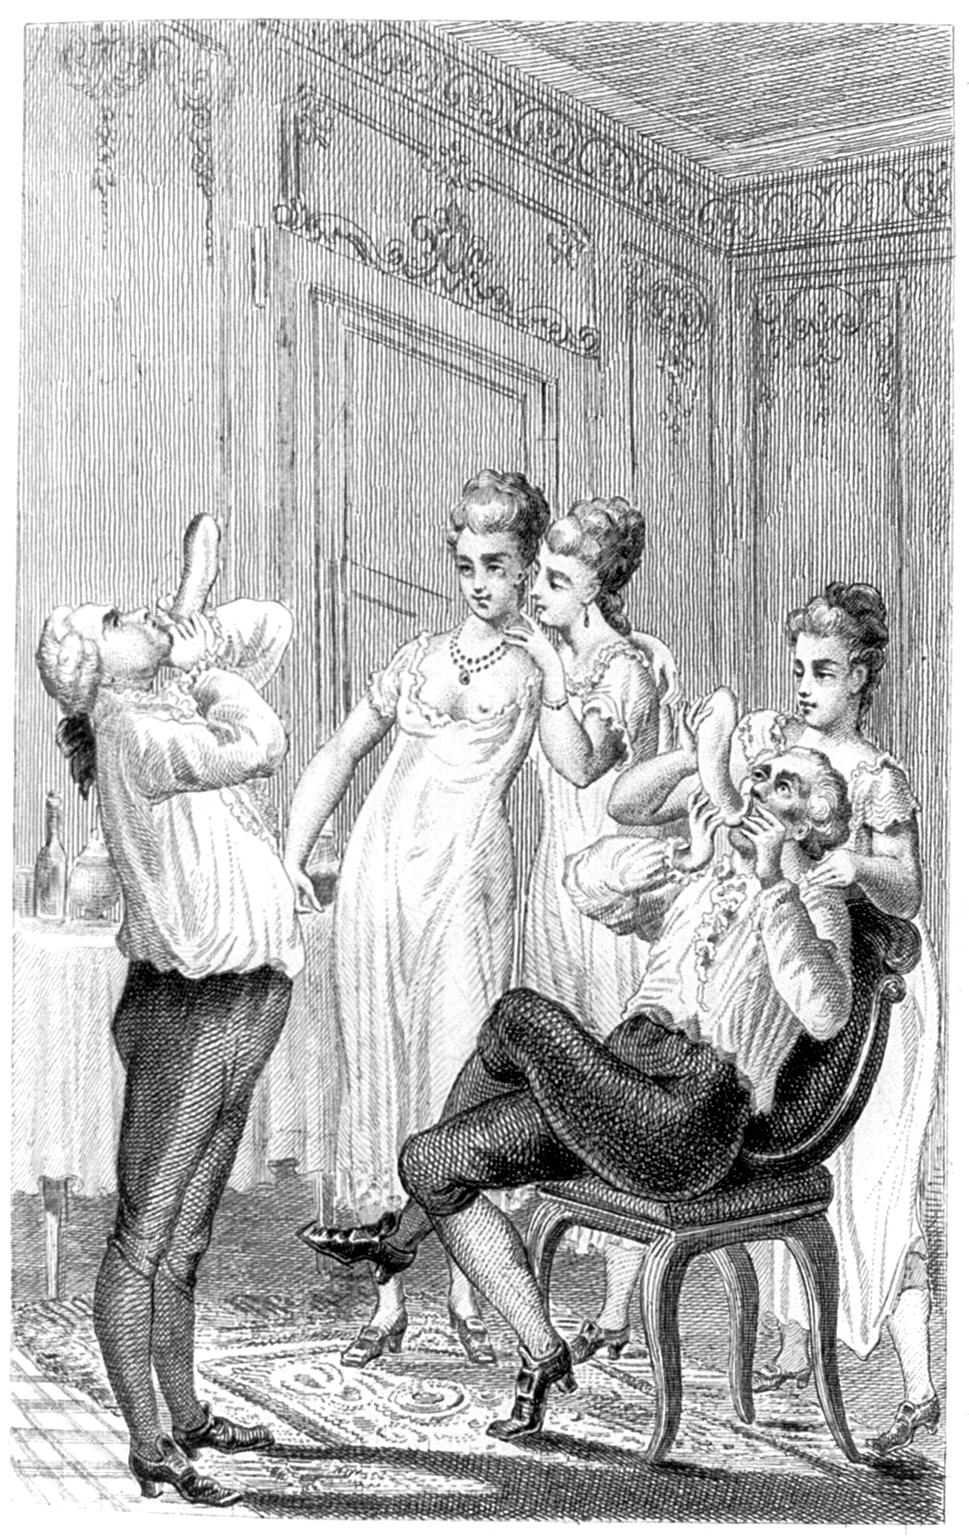 Nadmuchiwanie prezerwatyw aby sprawdzić ich szczelność... Czy Casanova faktycznie był tak niepoprawnym lowelasem za jakiego go uważamy? (źródło: domena publiczna).